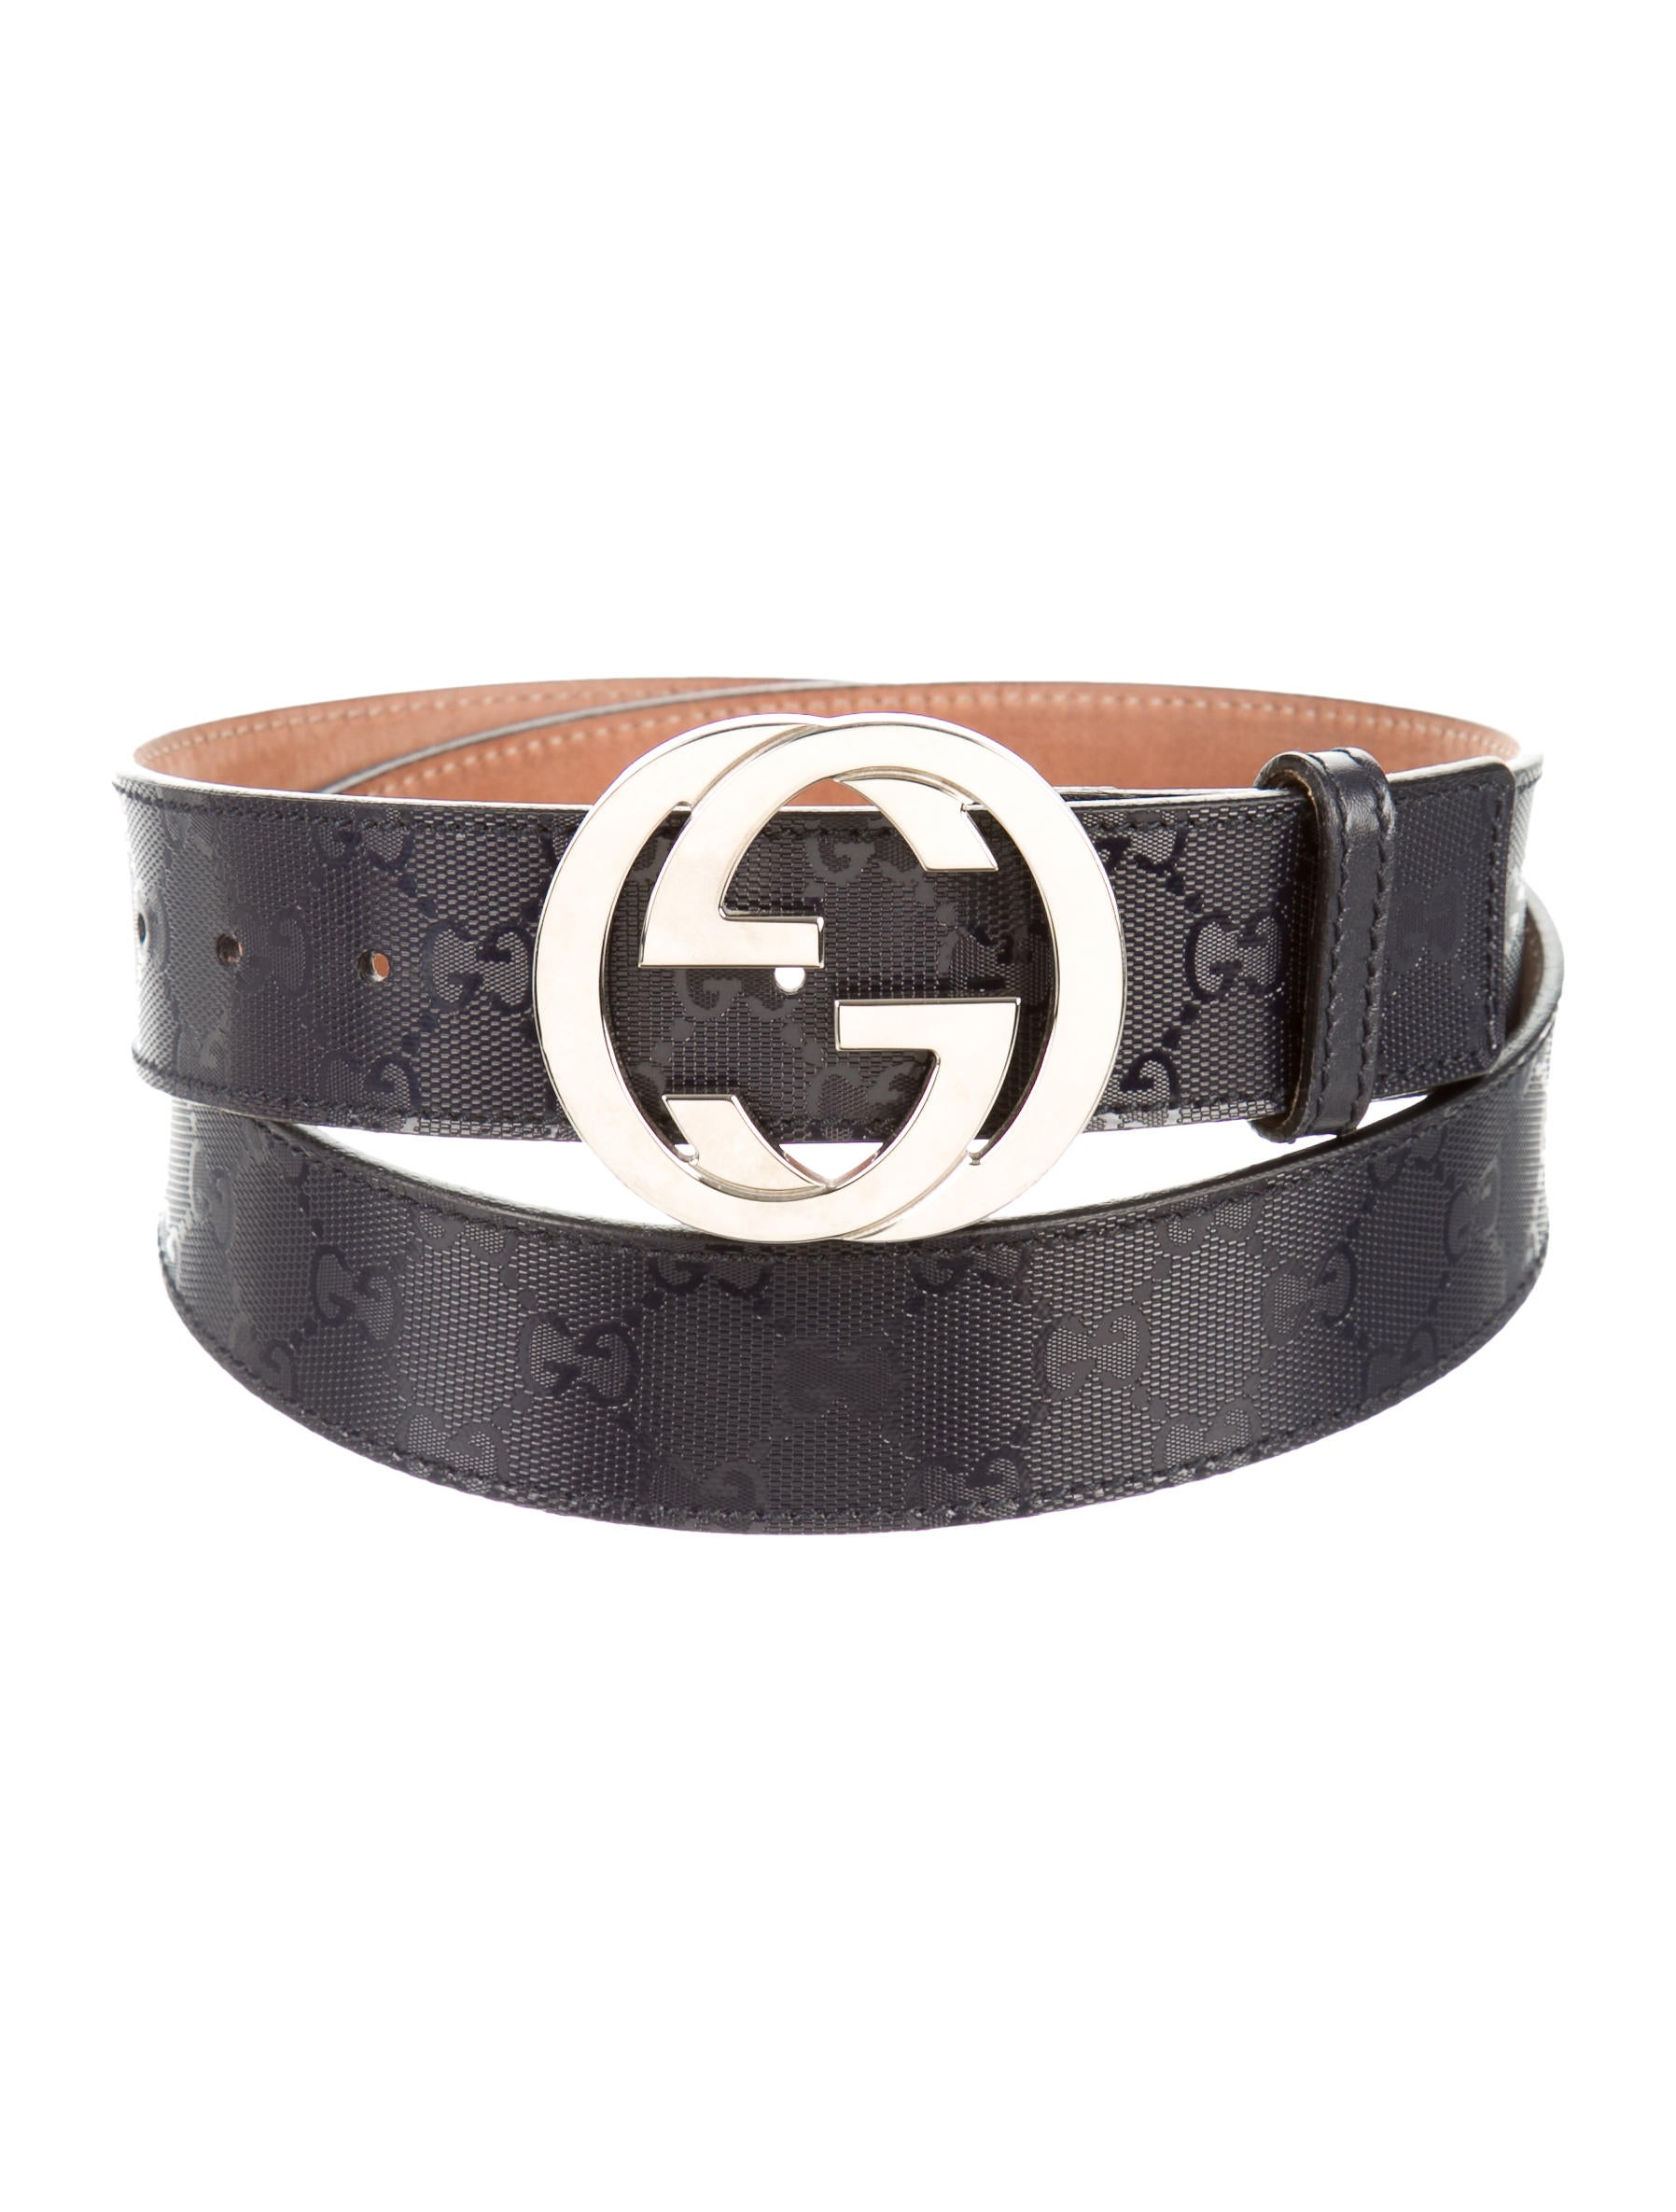 b6e040b2a6a Gucci GG Imprime Belt - Accessories - GUC112695